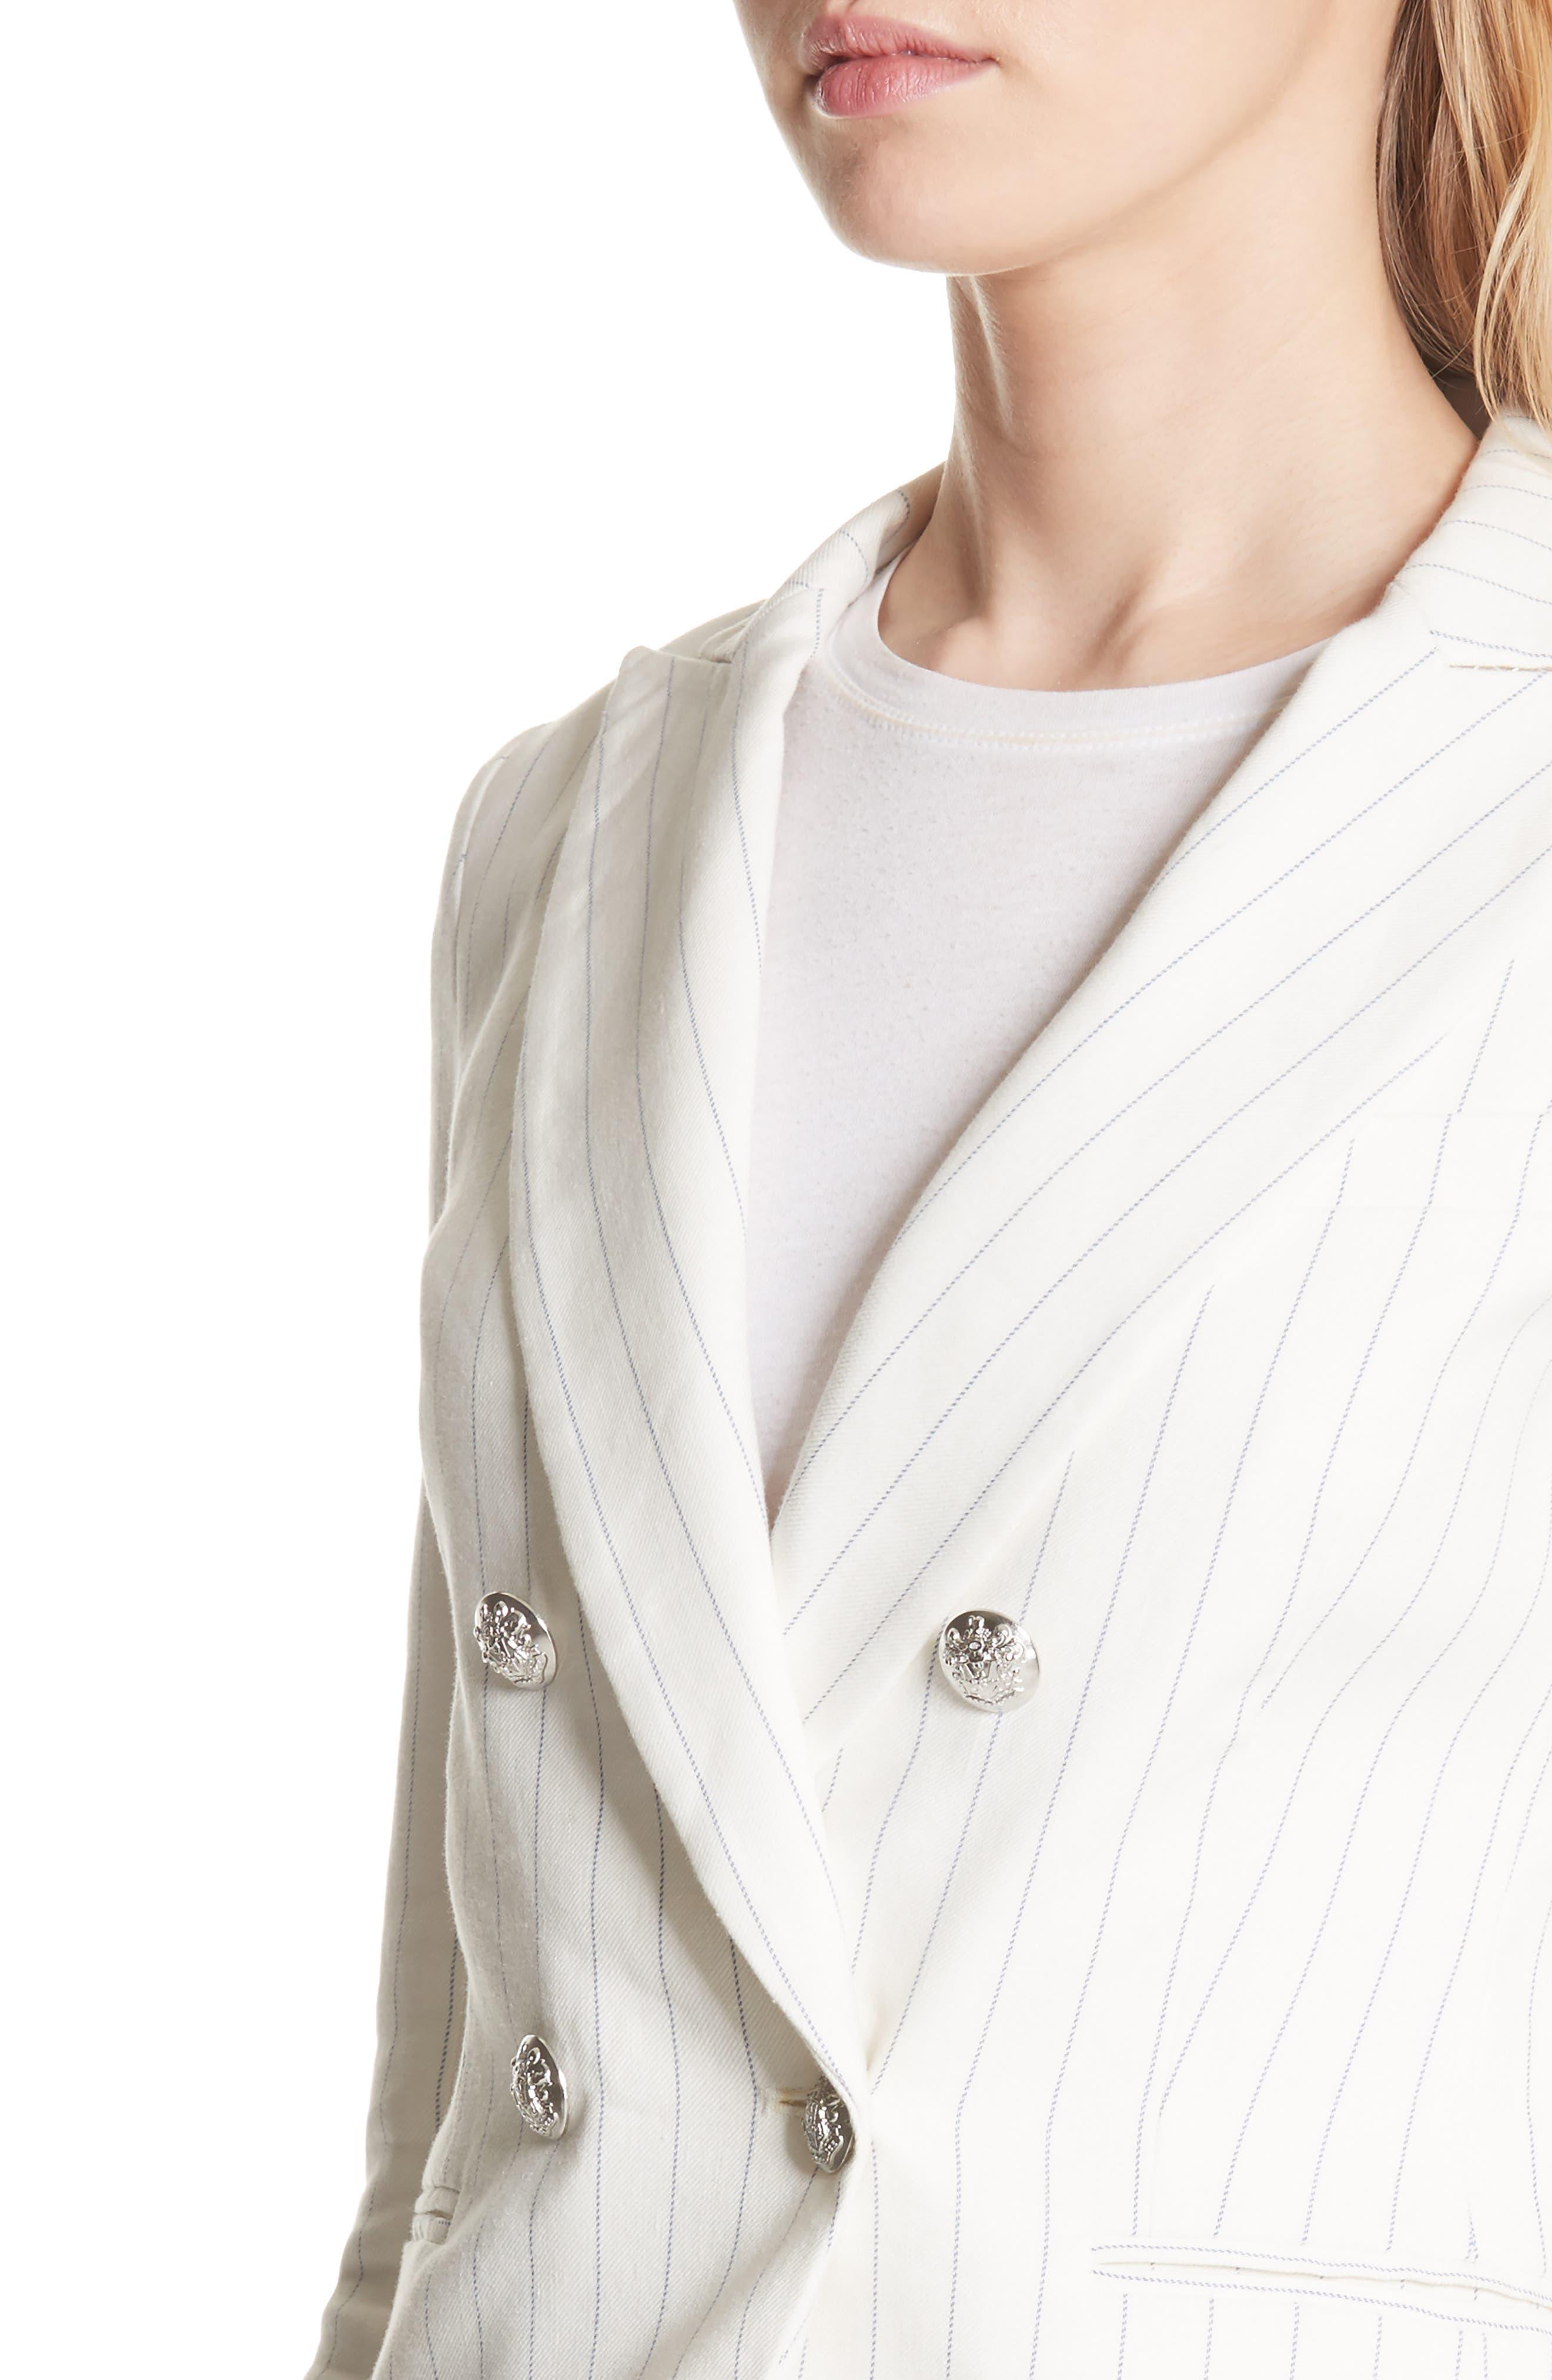 Apollo Pinstripe Jacket,                             Alternate thumbnail 4, color,                             Off White/ Blue Stripe